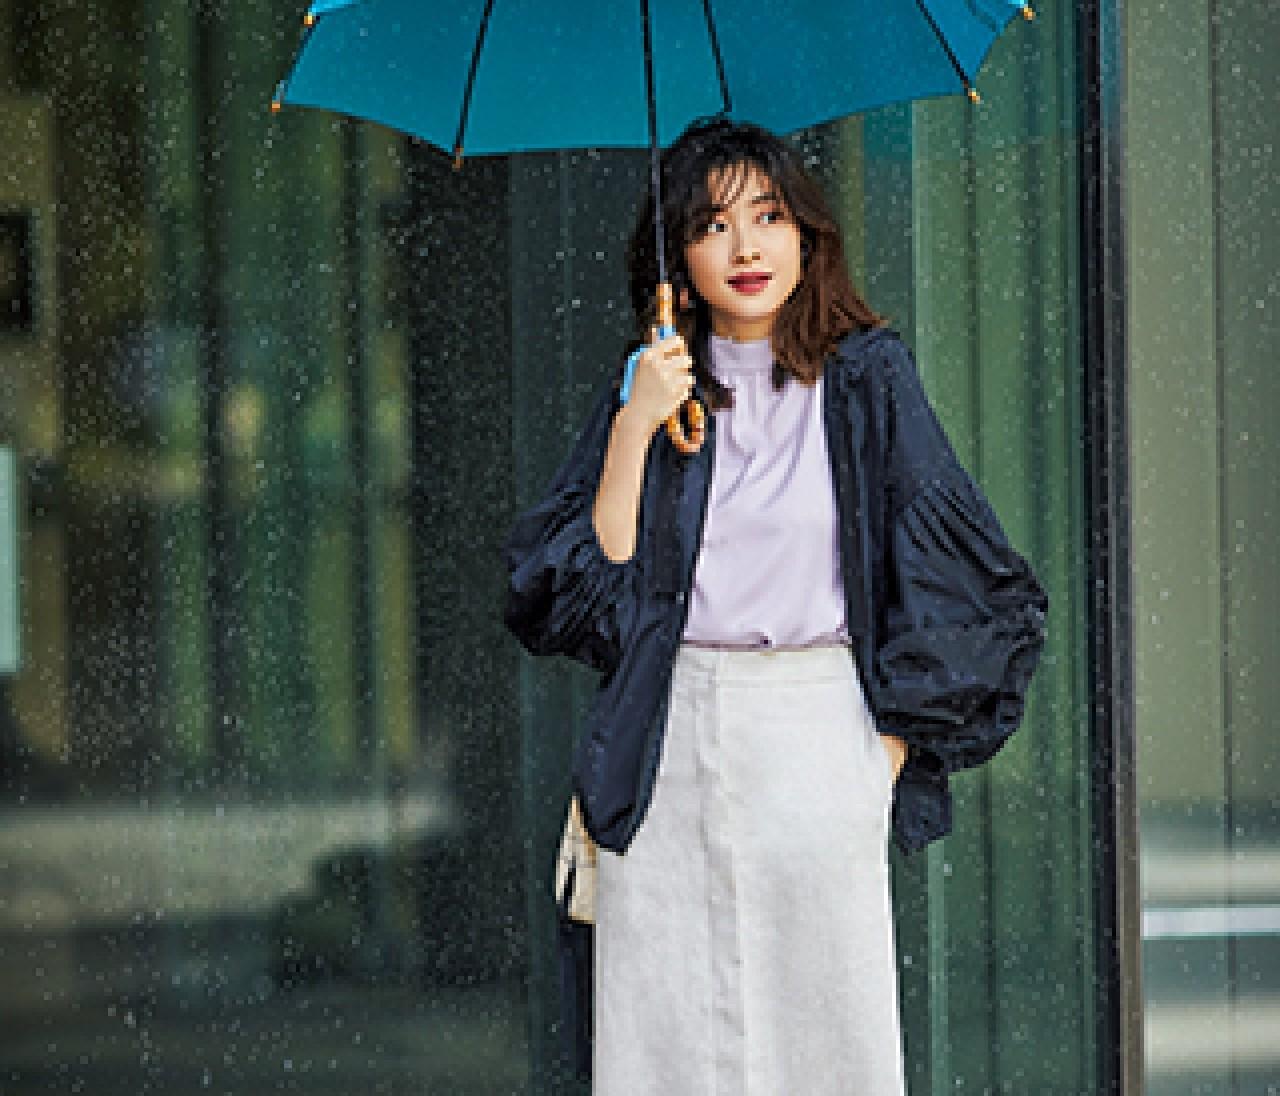 【きちんと見え晴雨兼用靴】降ってもやんでもおしゃれ感キープ!